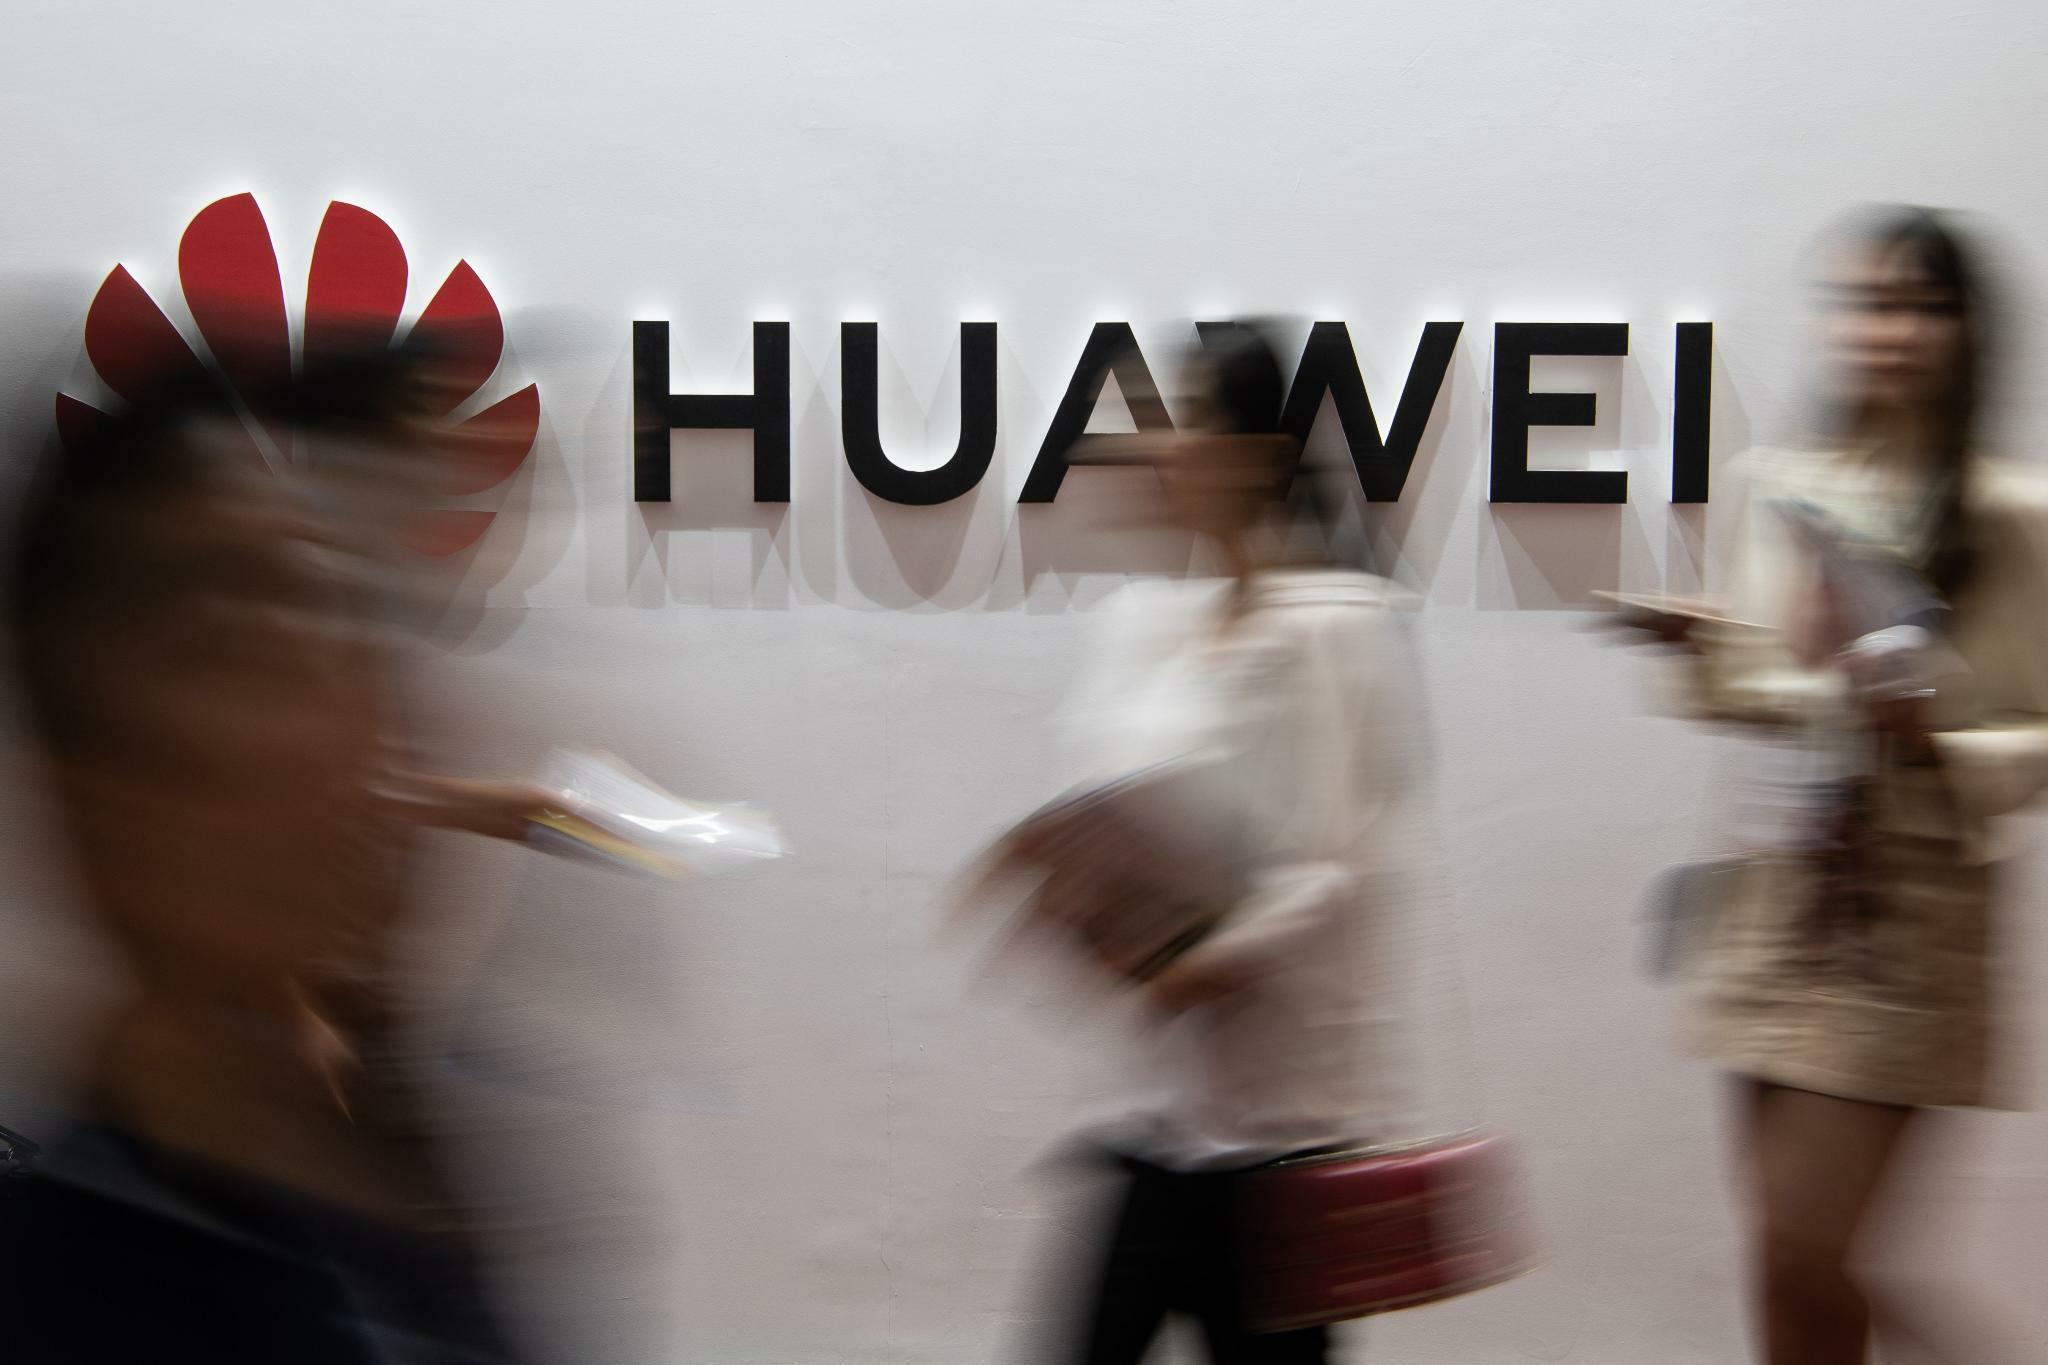 Huawei geht gerichtlich gegen Ausschluss von US-Subventionen vor